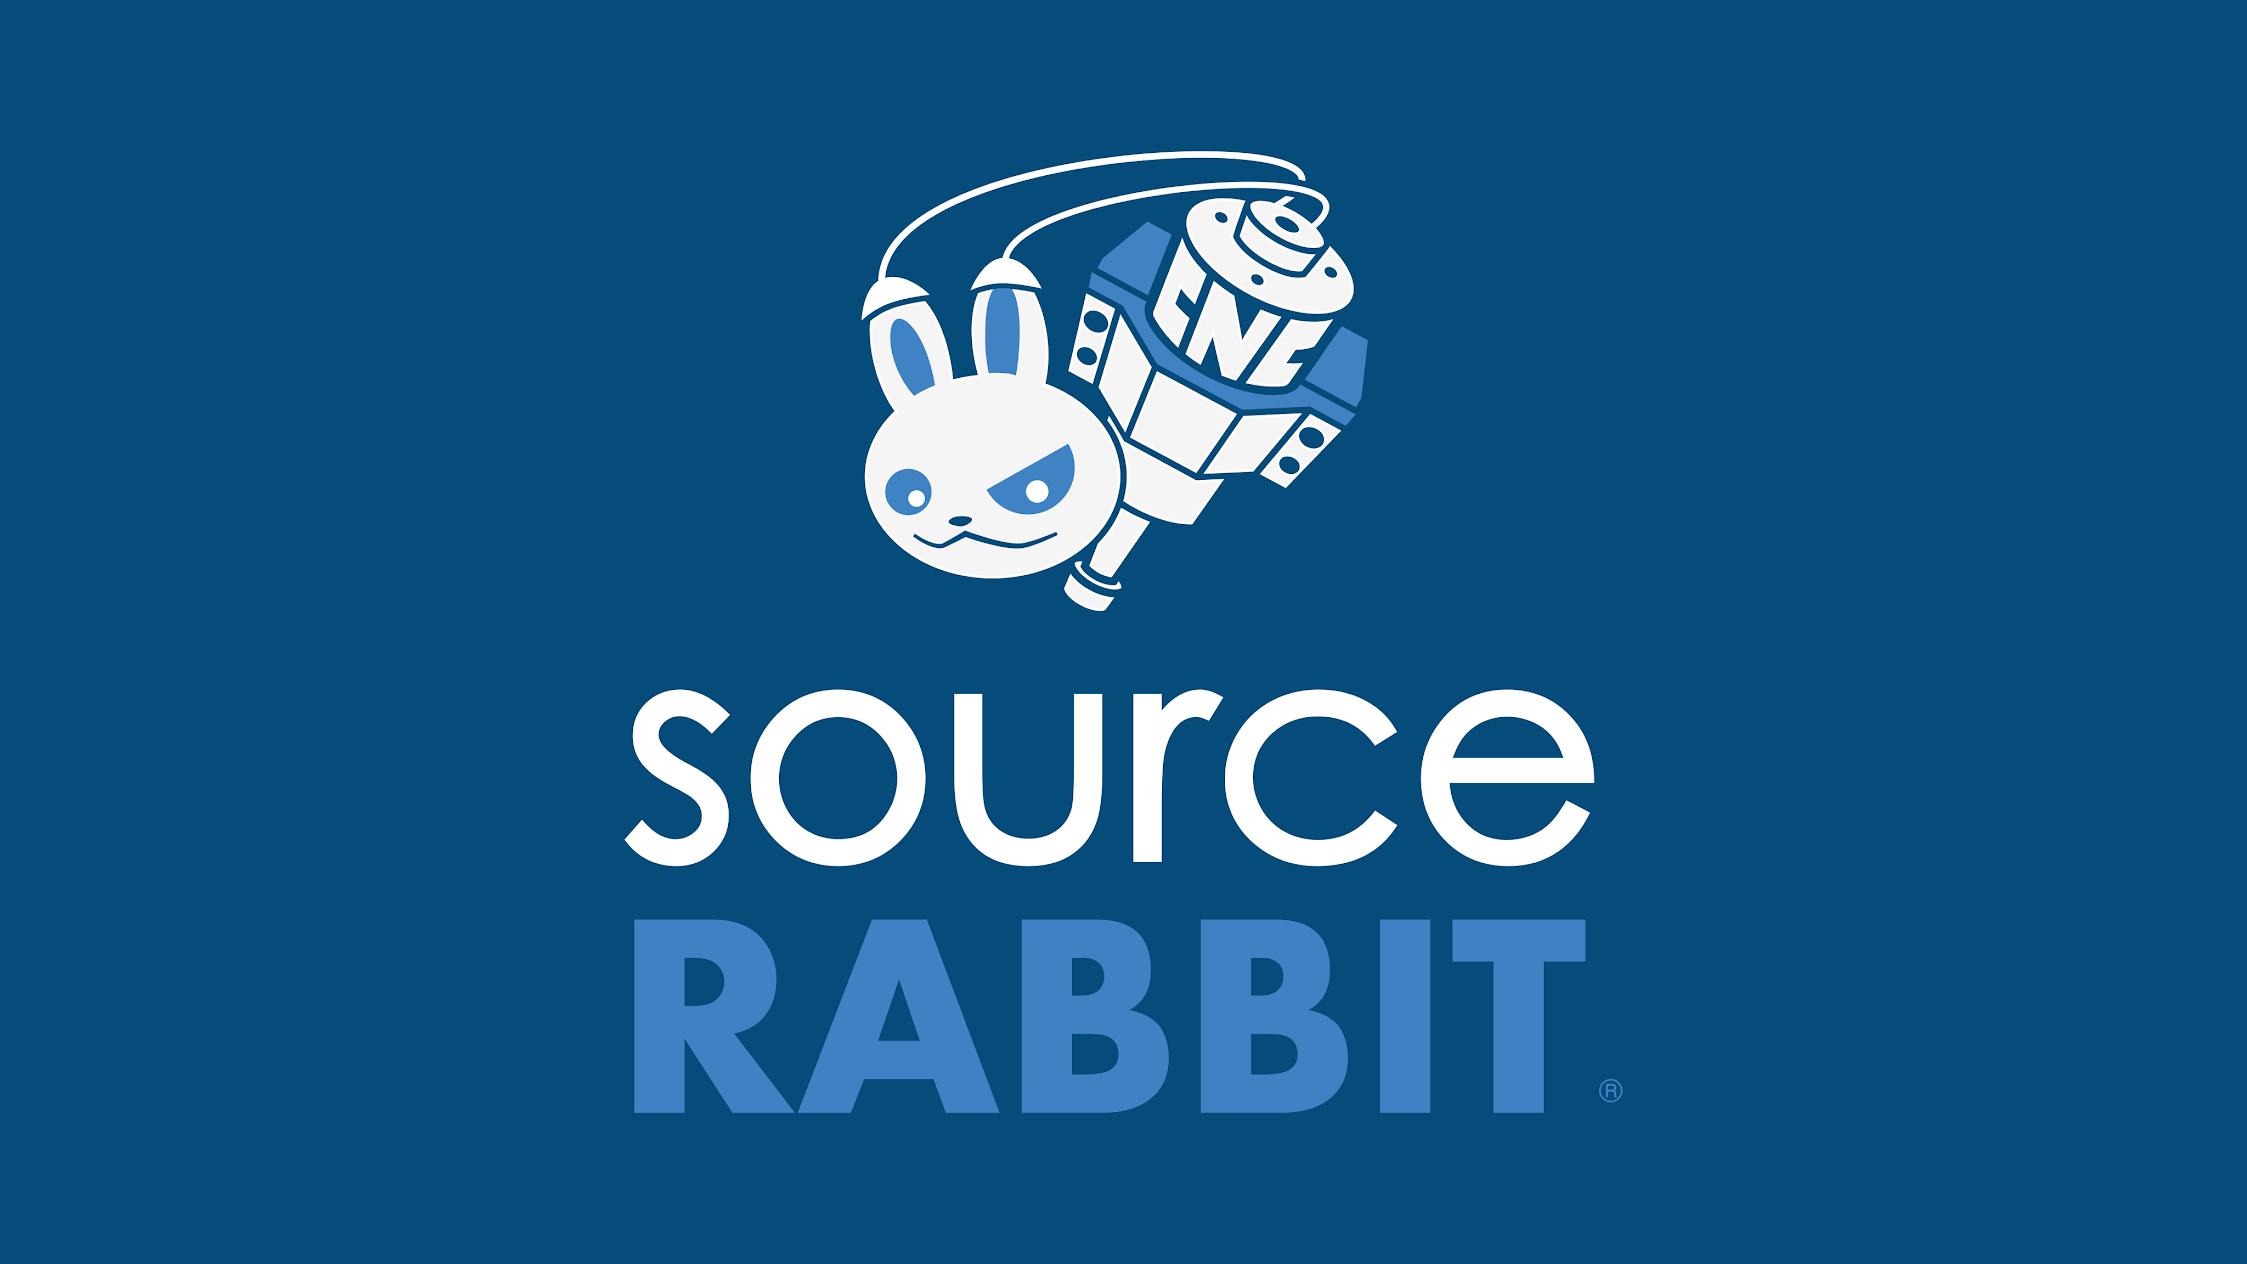 SourceRabbit